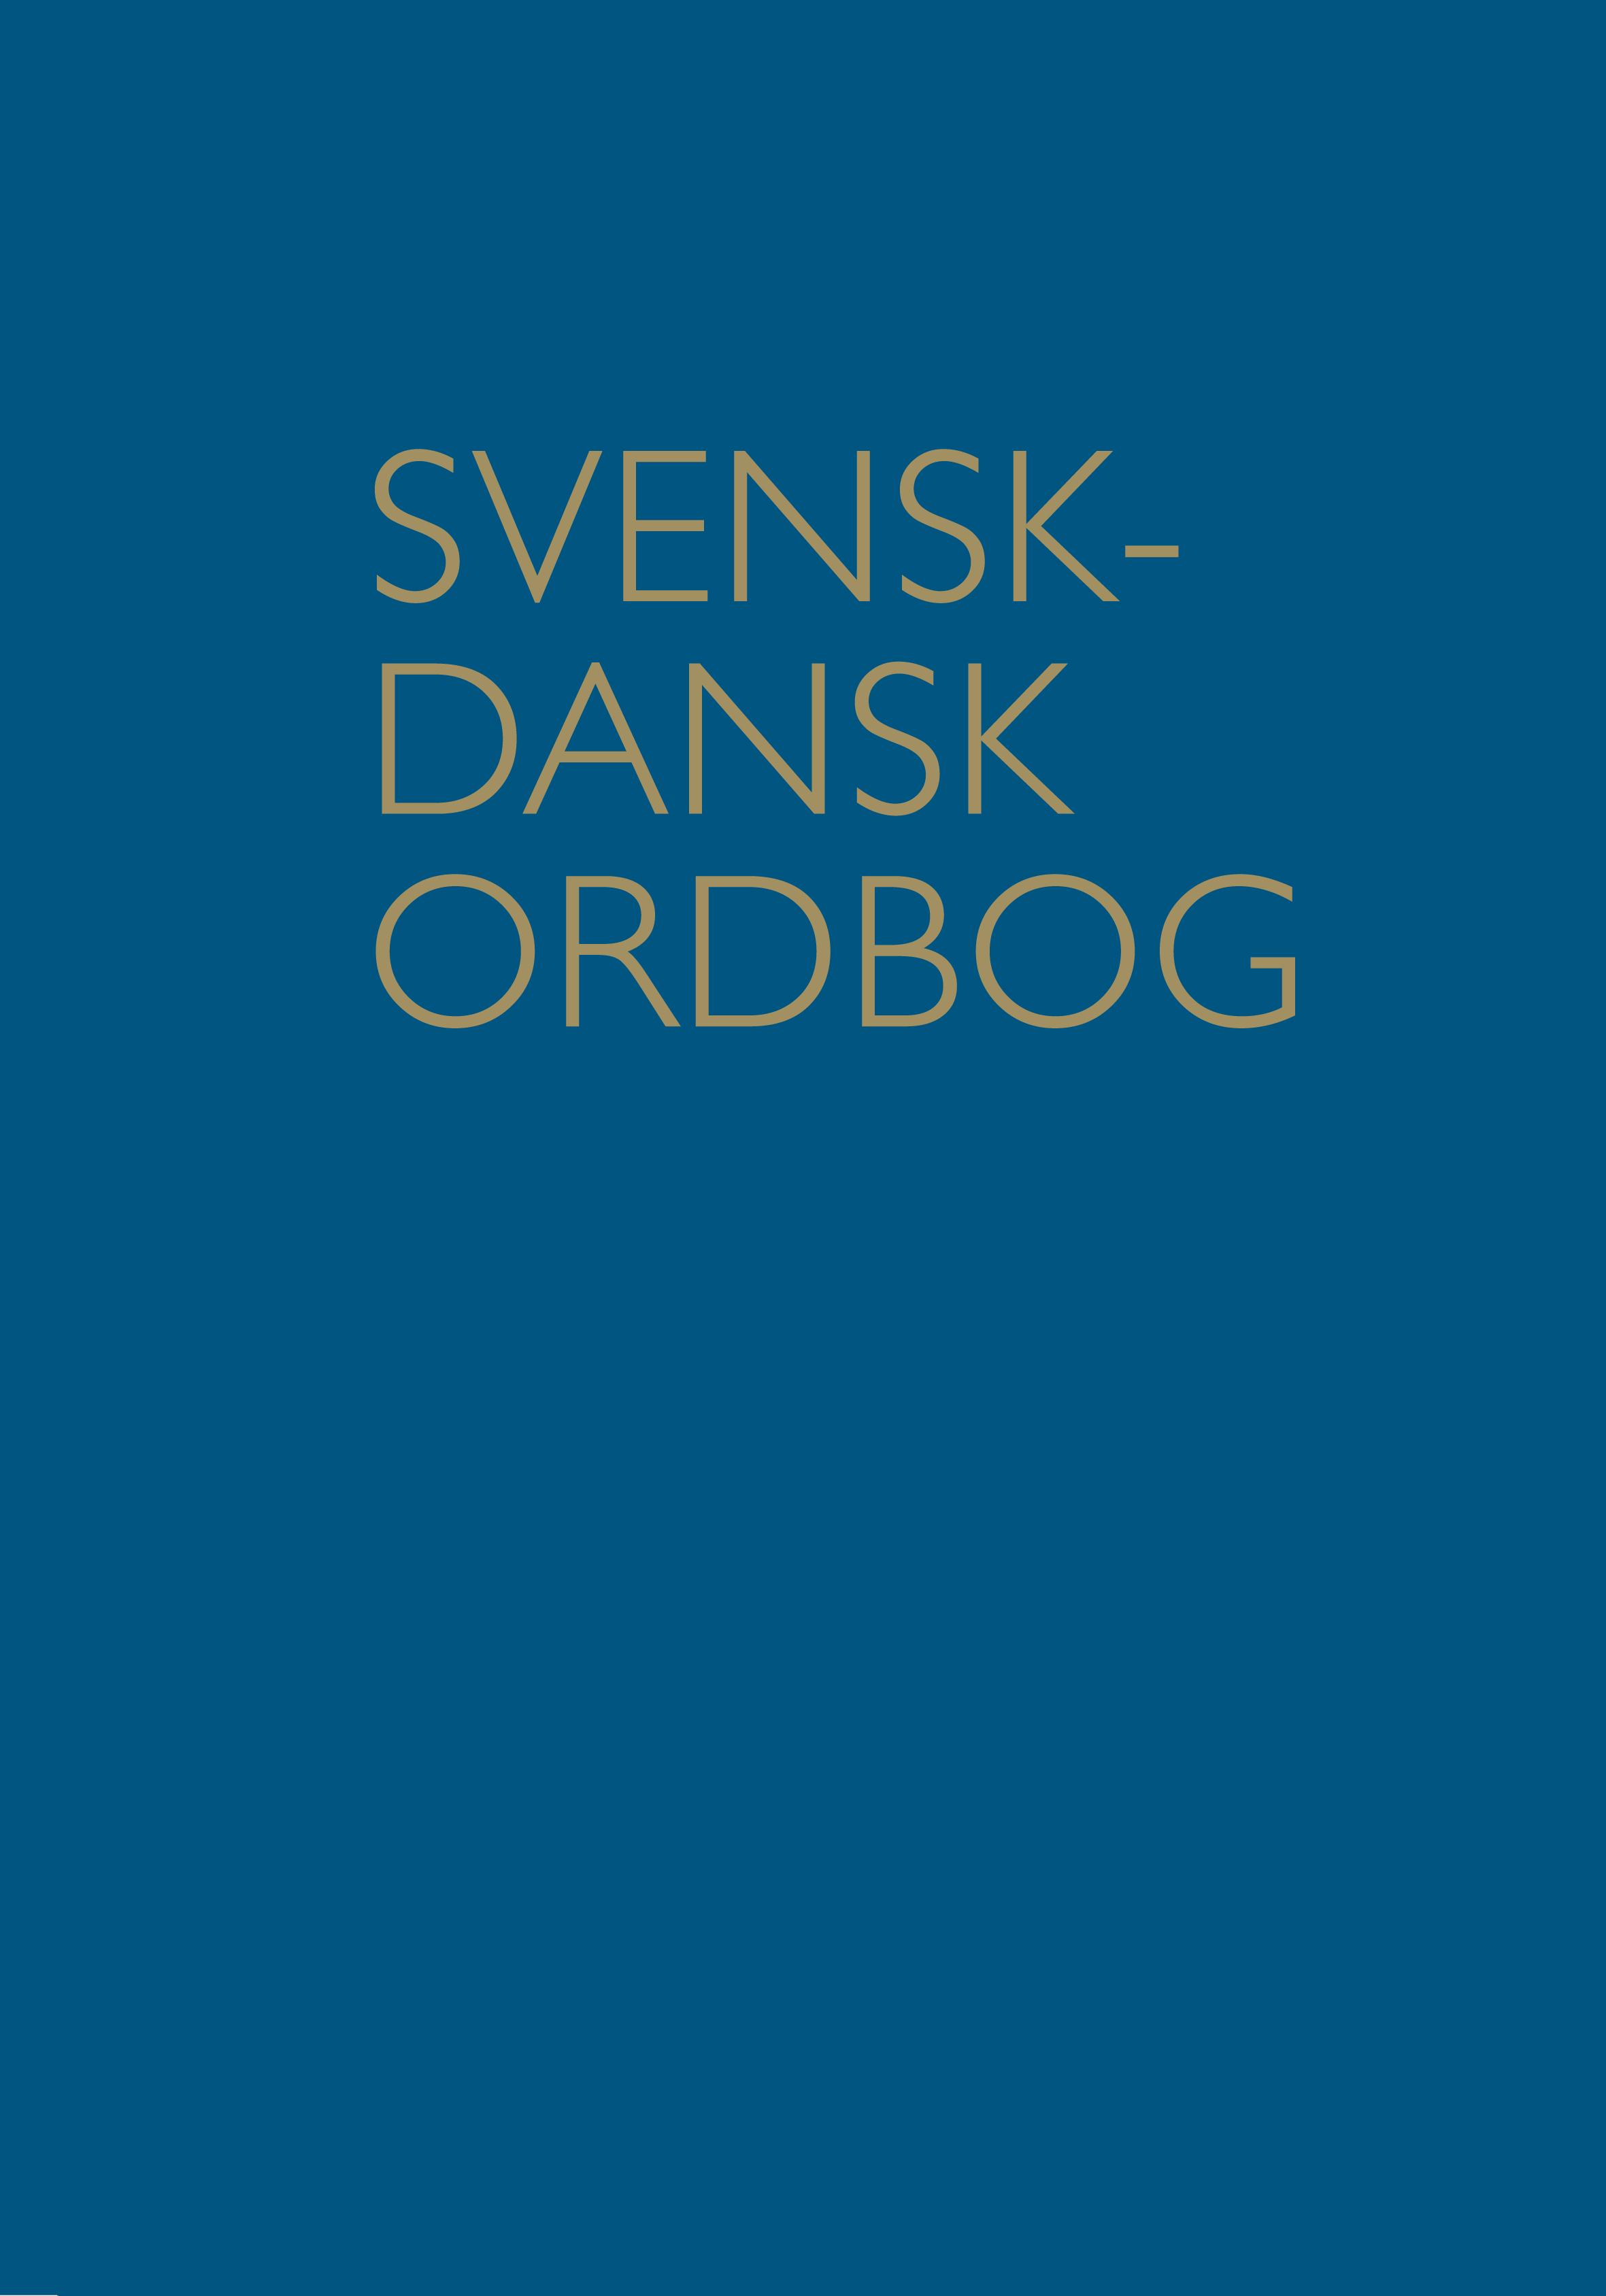 Svensk Dansk Ordbog Forside Dsl Det Danske Sprog Og Litteraturselskab